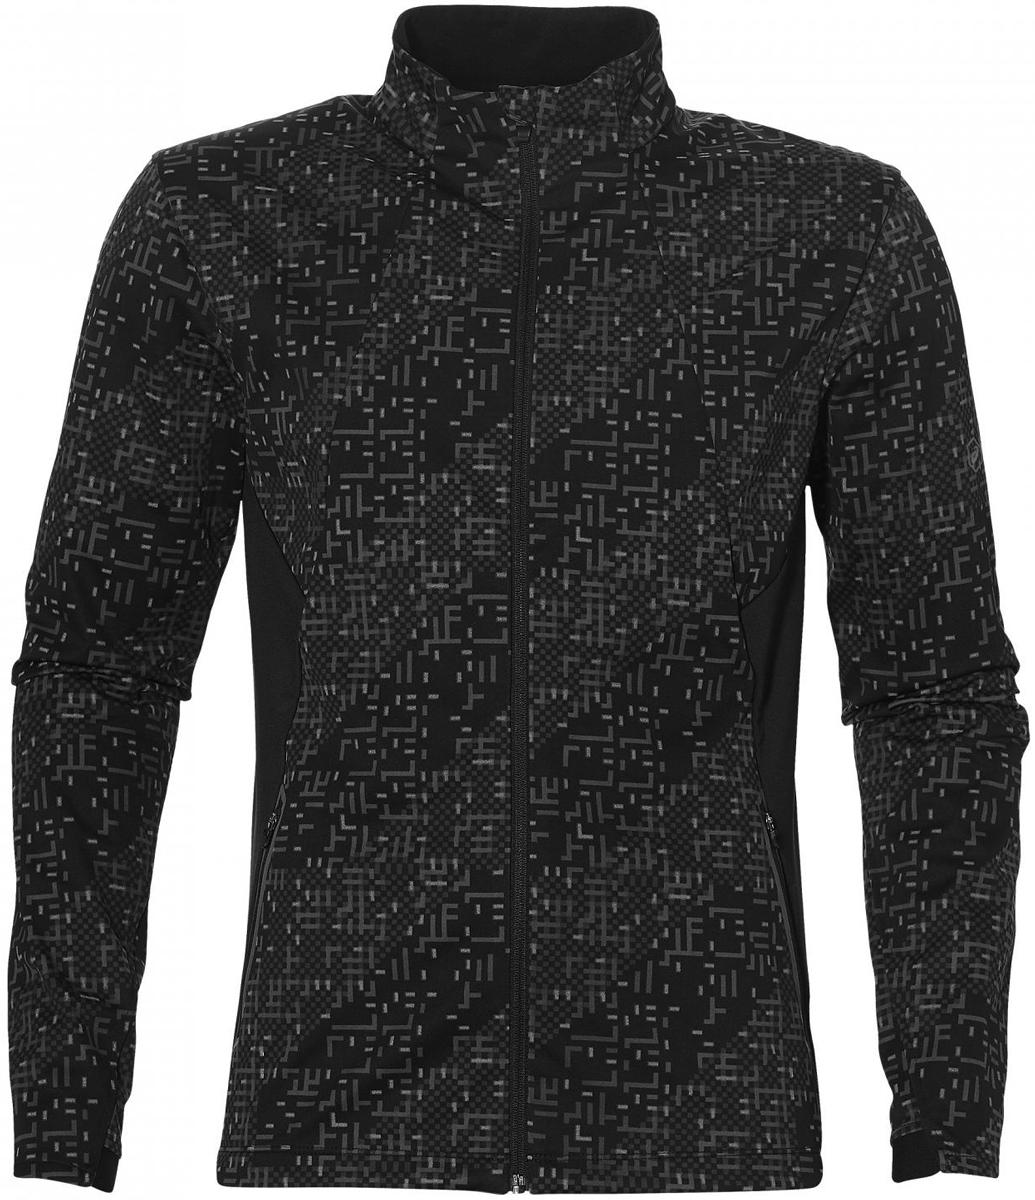 Куртка мужская Asics Lite-Show Winter Jacket, цвет: черный. 146621-1179. Размер S (46)146621-1179В куртке от Asics из ветронепроницаемой и водоотталкивающей ткани вы сможете бегать в любую погоду. Прочный материал, устойчивый к воздействию ветра и воды, на спине дополнен эластичными трикотажными вставками, что делает движения более свободными. Также имеется два надежных кармана на молнии для телефона и ключей. Приток воздуха можно регулировать основной полноразмерной молнией со специальной вставкой для защиты подбородка от натирания. Дышащая ткань. Устойчивость к ветру и воде. Светоотражающий логотип Asics и другие светоотражающие элементы для безопасного бега в темное время суток.